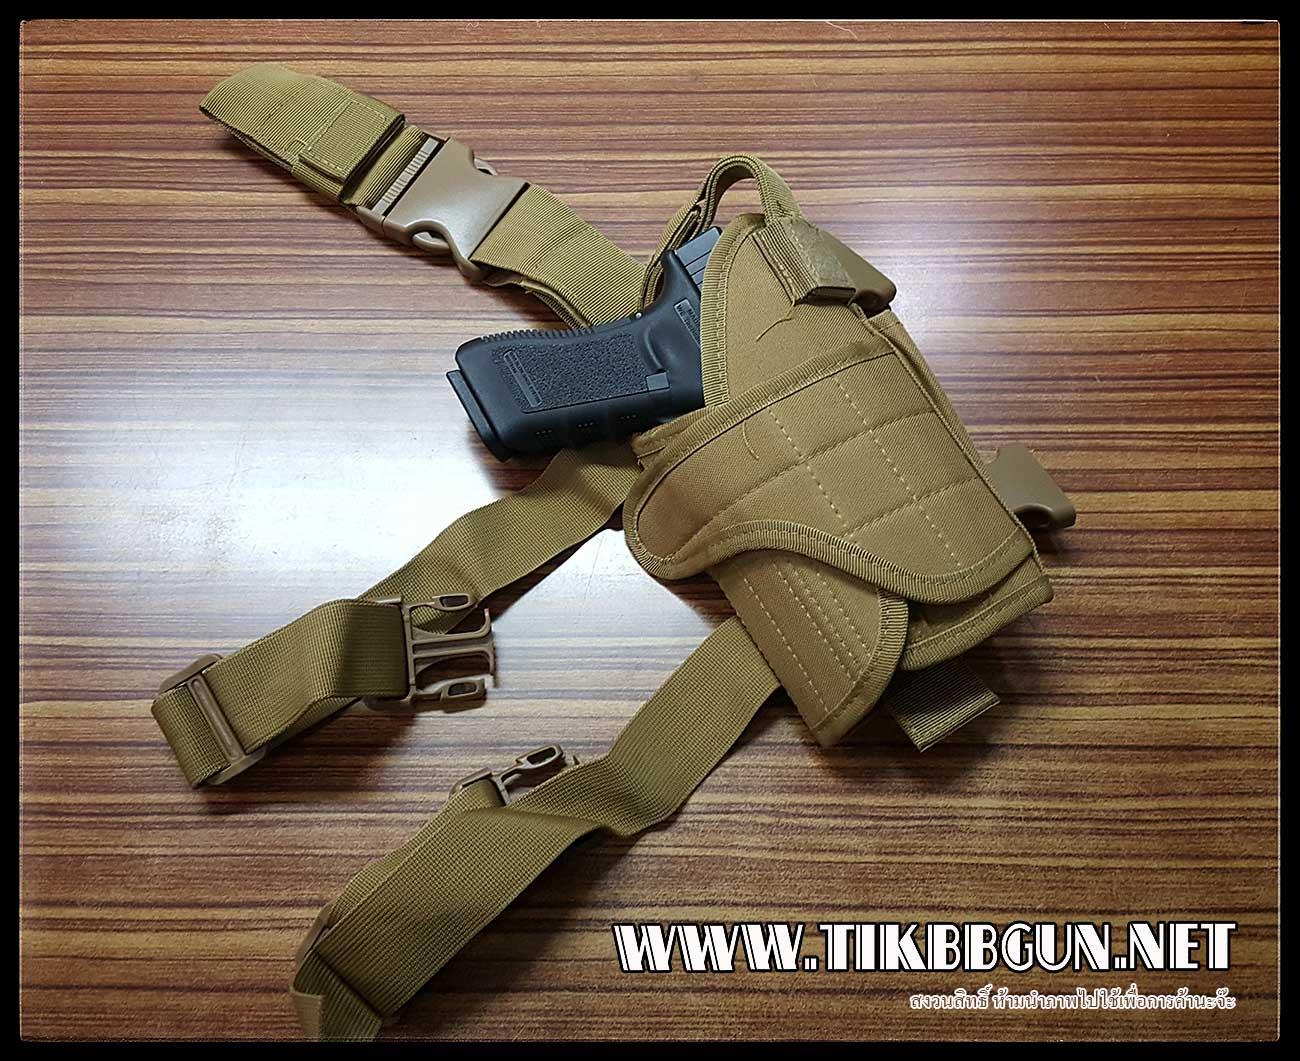 ซองปืนพกปลดเร็วรัดต้นขา สำหรับปืนสั้น หลายๆรุ่น (ปรับขนาดได้) สีเขียว